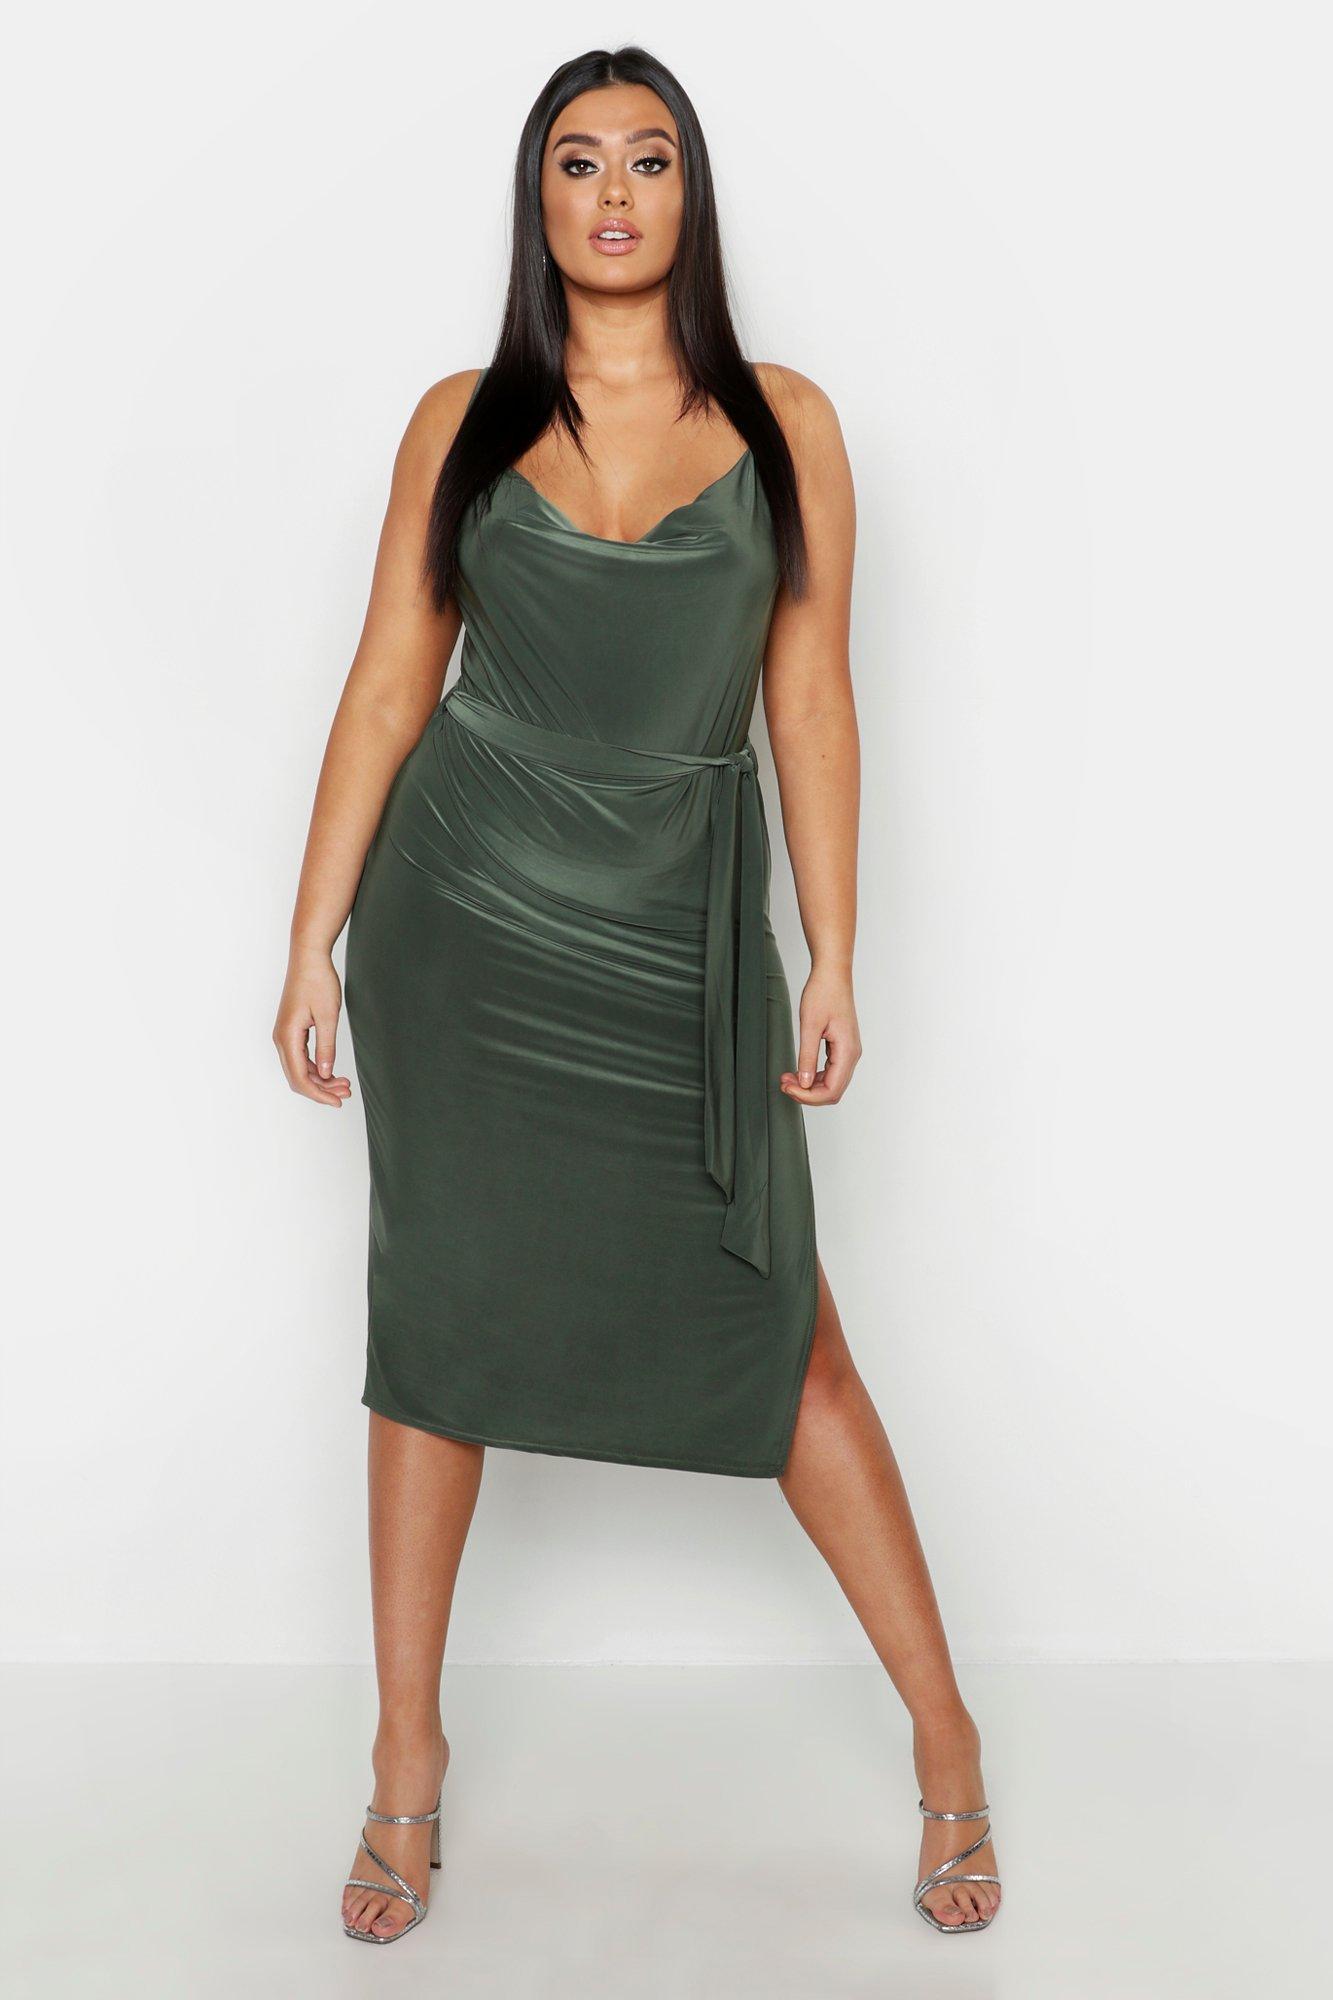 Купить К нам поступают платья, Плюс сайз - платье миди с воротником-хомутом с завязкой на талии, boohoo